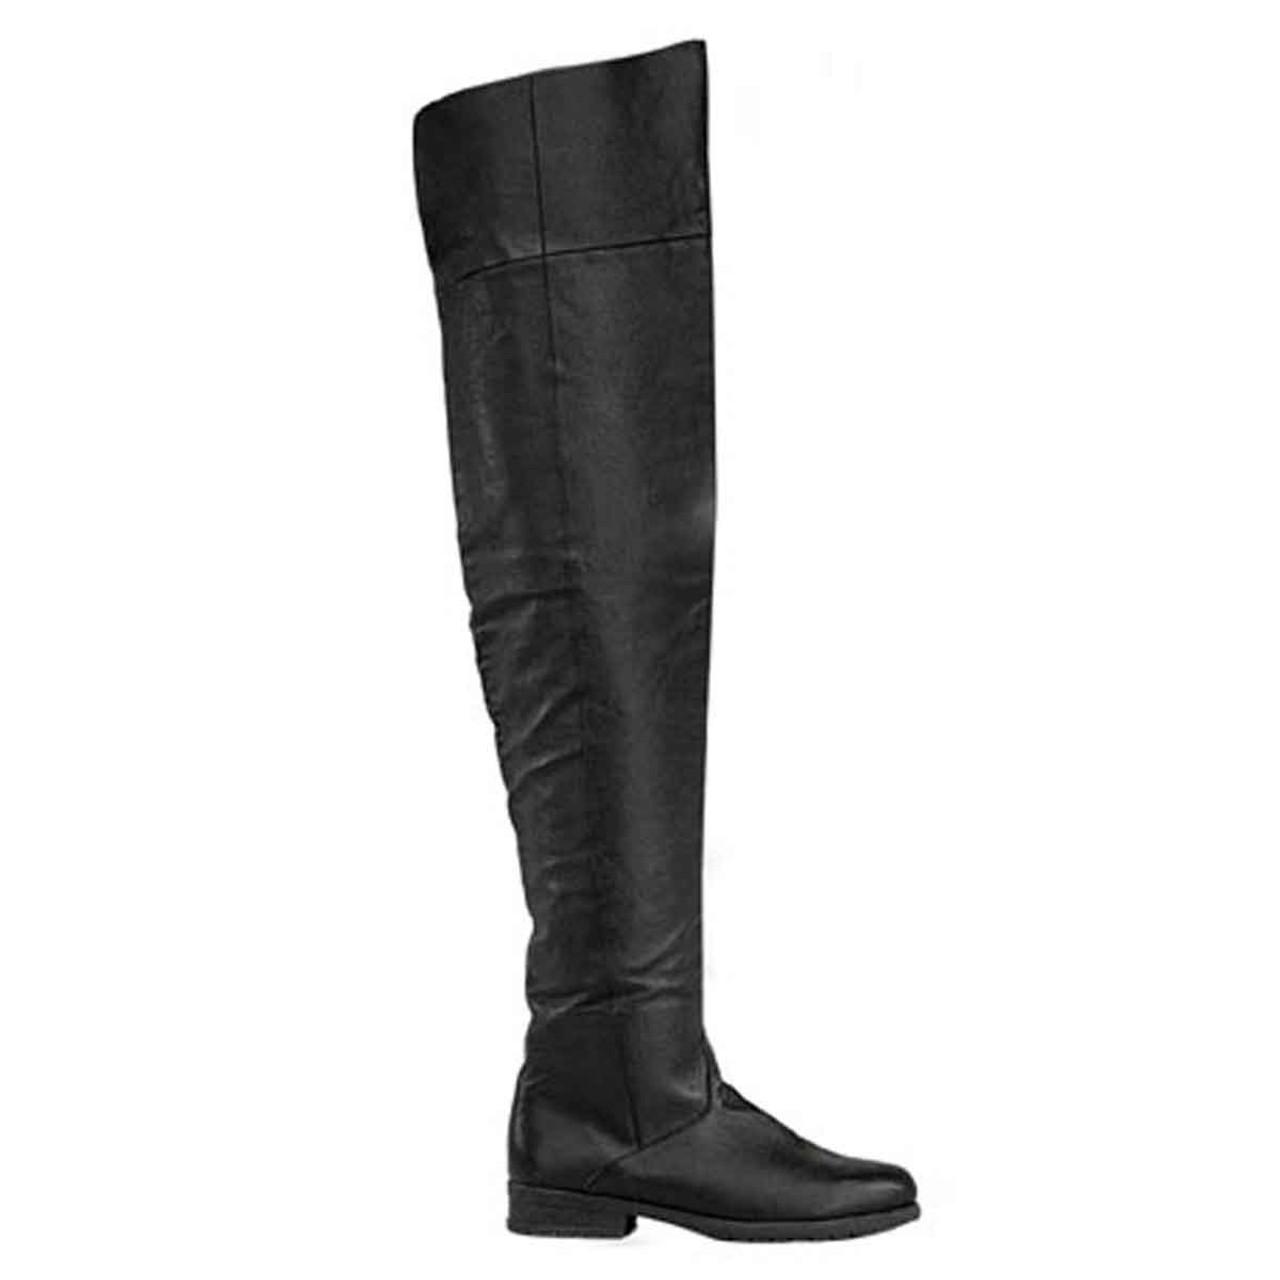 Maverick-8824 Men's Flat Thigh High Boots